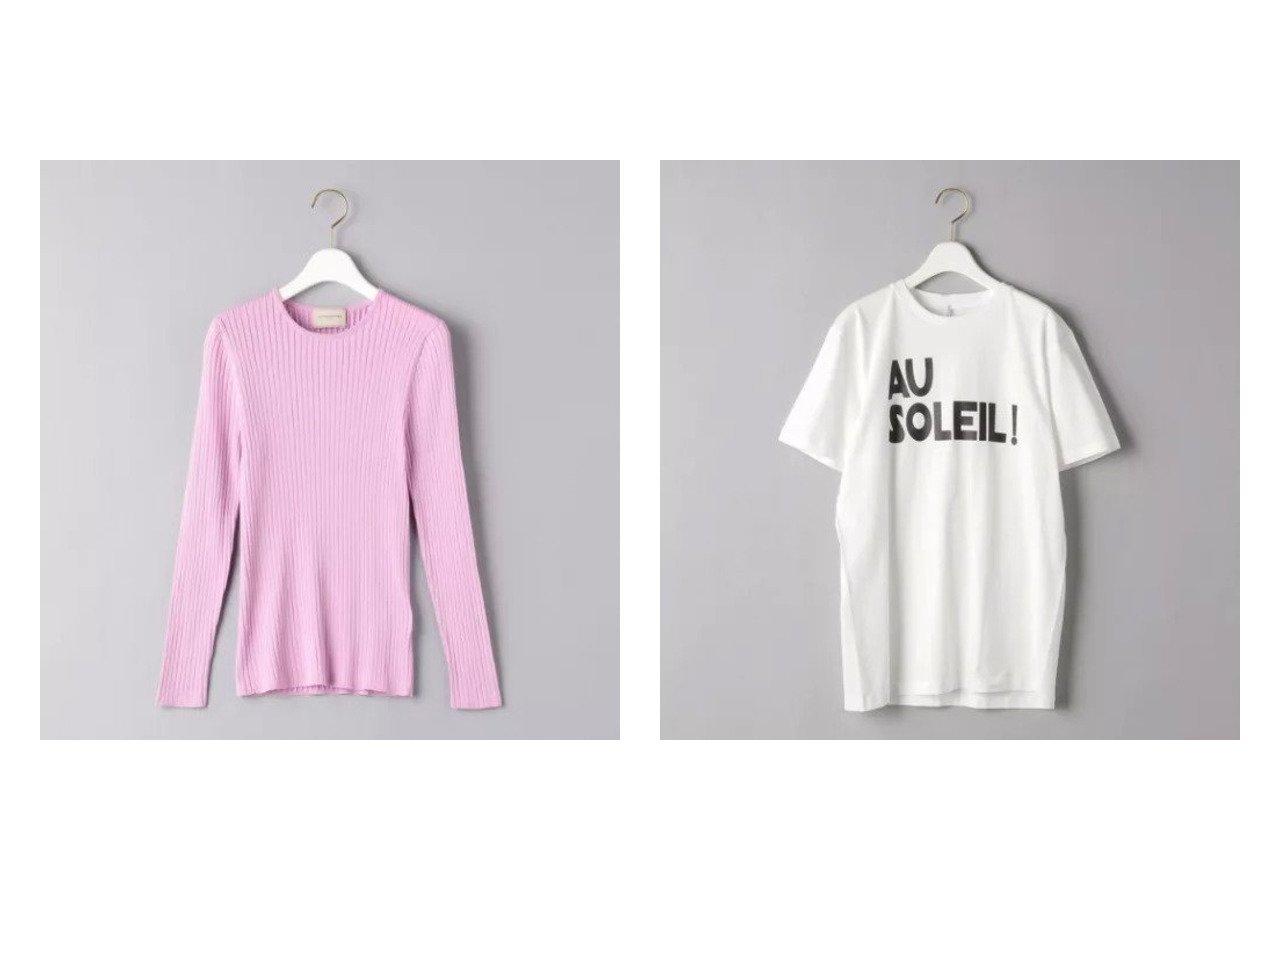 【UNITED ARROWS/ユナイテッドアローズ】の別注AU SOLEIL Tシャツ&SI リブ クルーネック ニット 【トップス・カットソー】おすすめ!人気、トレンド・レディースファッションの通販  おすすめで人気の流行・トレンド、ファッションの通販商品 メンズファッション・キッズファッション・インテリア・家具・レディースファッション・服の通販 founy(ファニー) https://founy.com/ ファッション Fashion レディースファッション WOMEN トップス・カットソー Tops/Tshirt シャツ/ブラウス Shirts/Blouses ロング / Tシャツ T-Shirts カットソー Cut and Sewn ニット Knit Tops インナー カッティング カットソー クラシック プリント 別注 半袖 モノトーン シンプル セーター フィット ベーシック  ID:crp329100000027739